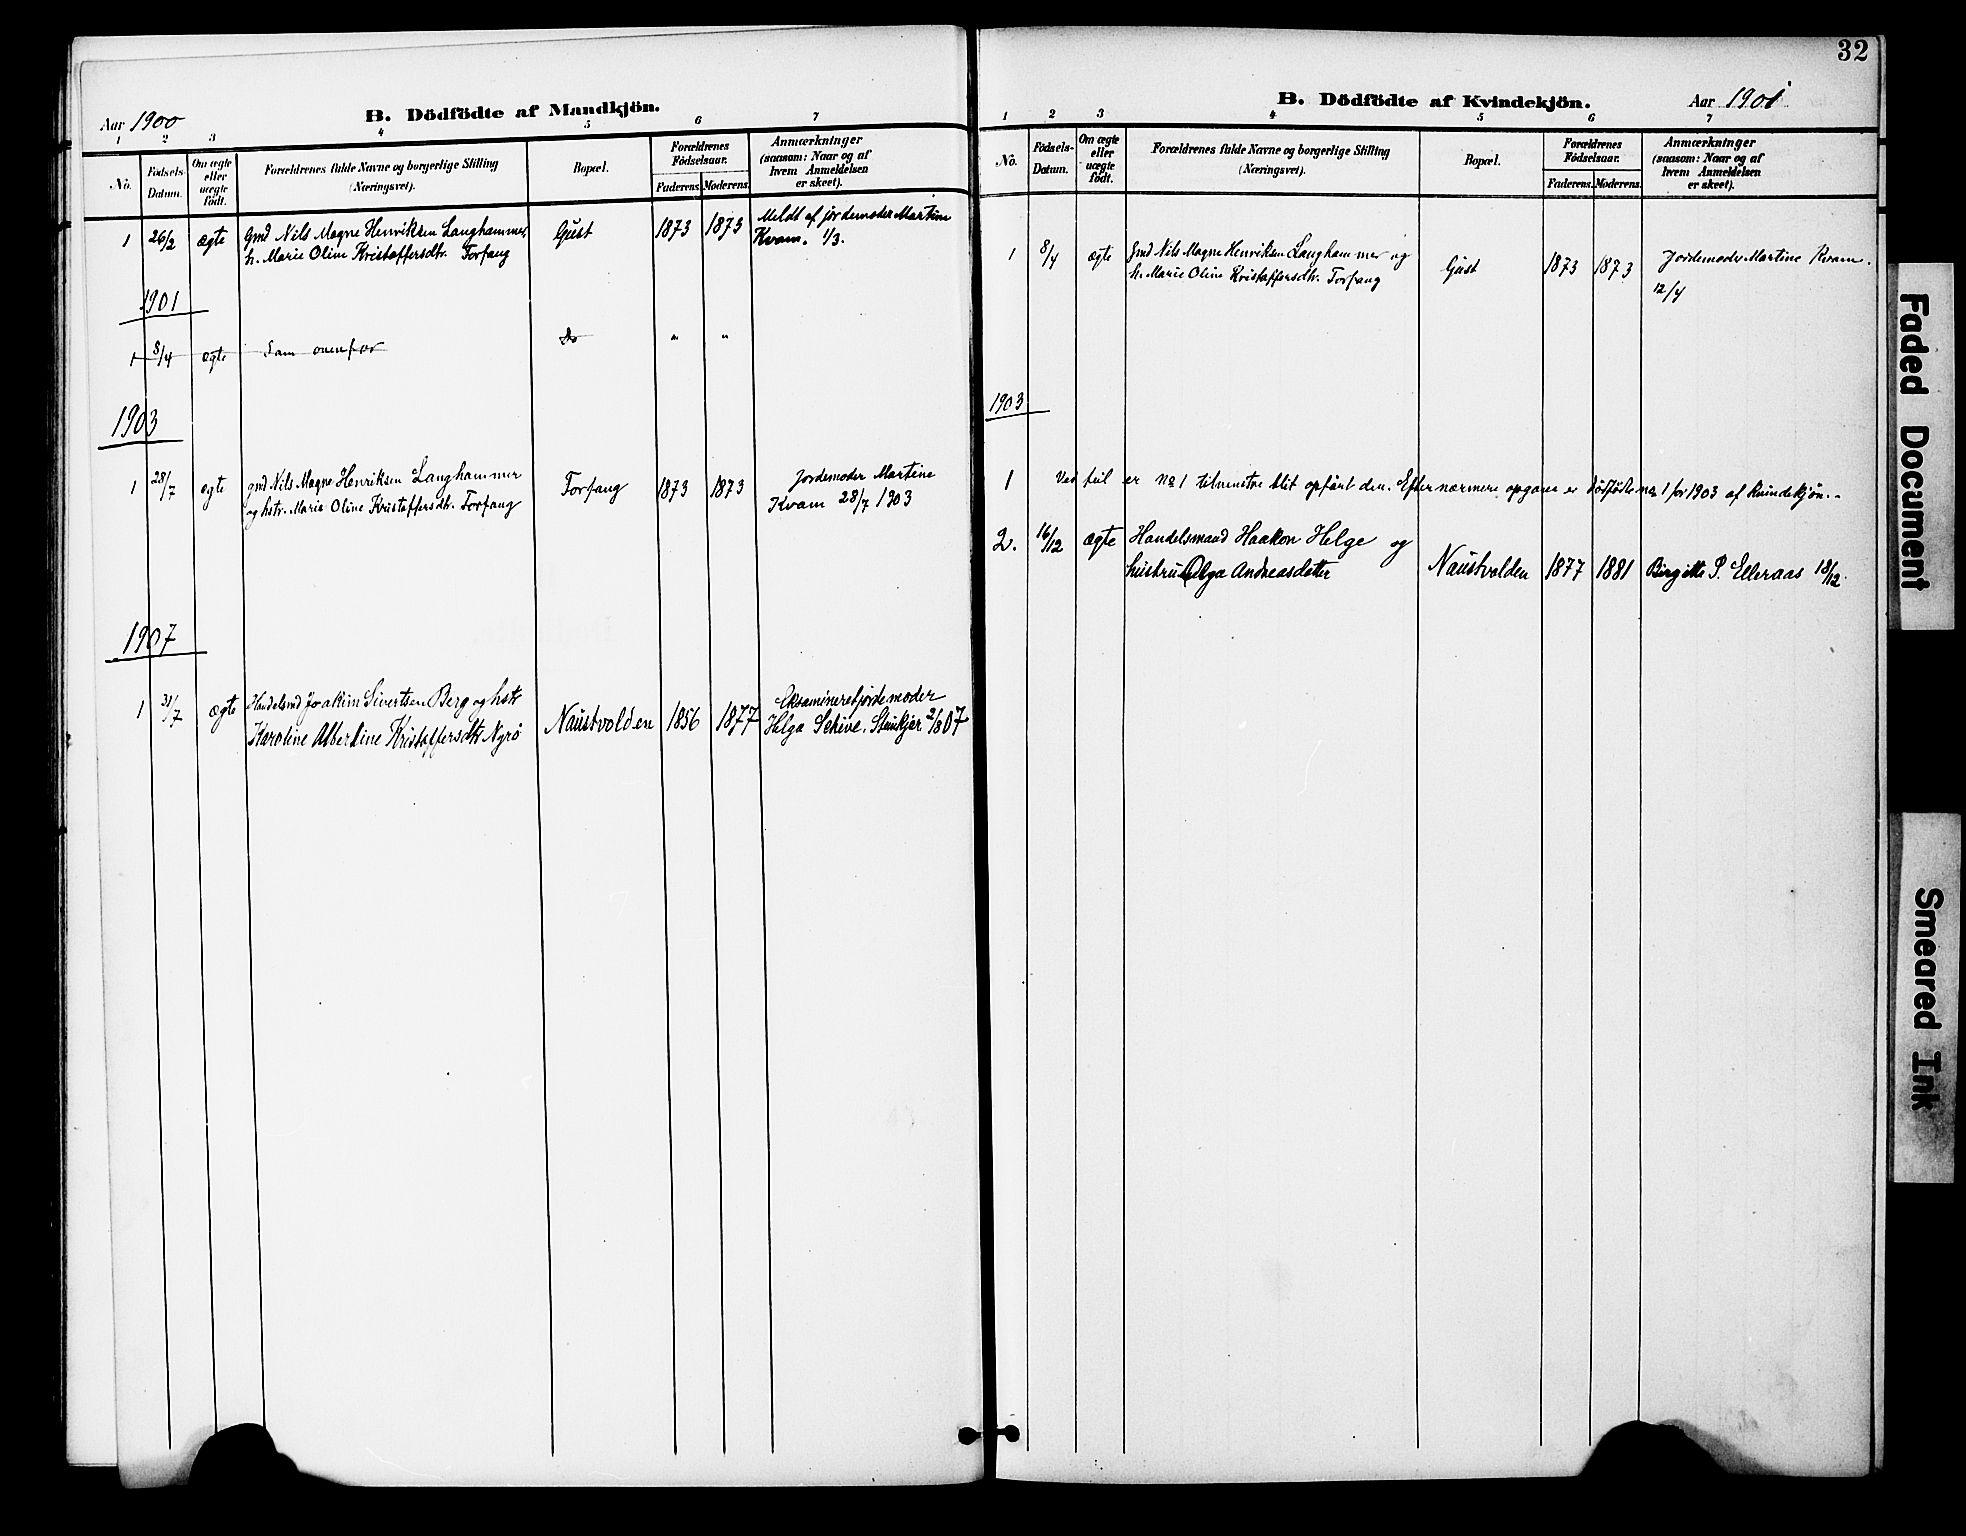 SAT, Ministerialprotokoller, klokkerbøker og fødselsregistre - Nord-Trøndelag, 746/L0452: Ministerialbok nr. 746A09, 1900-1908, s. 32